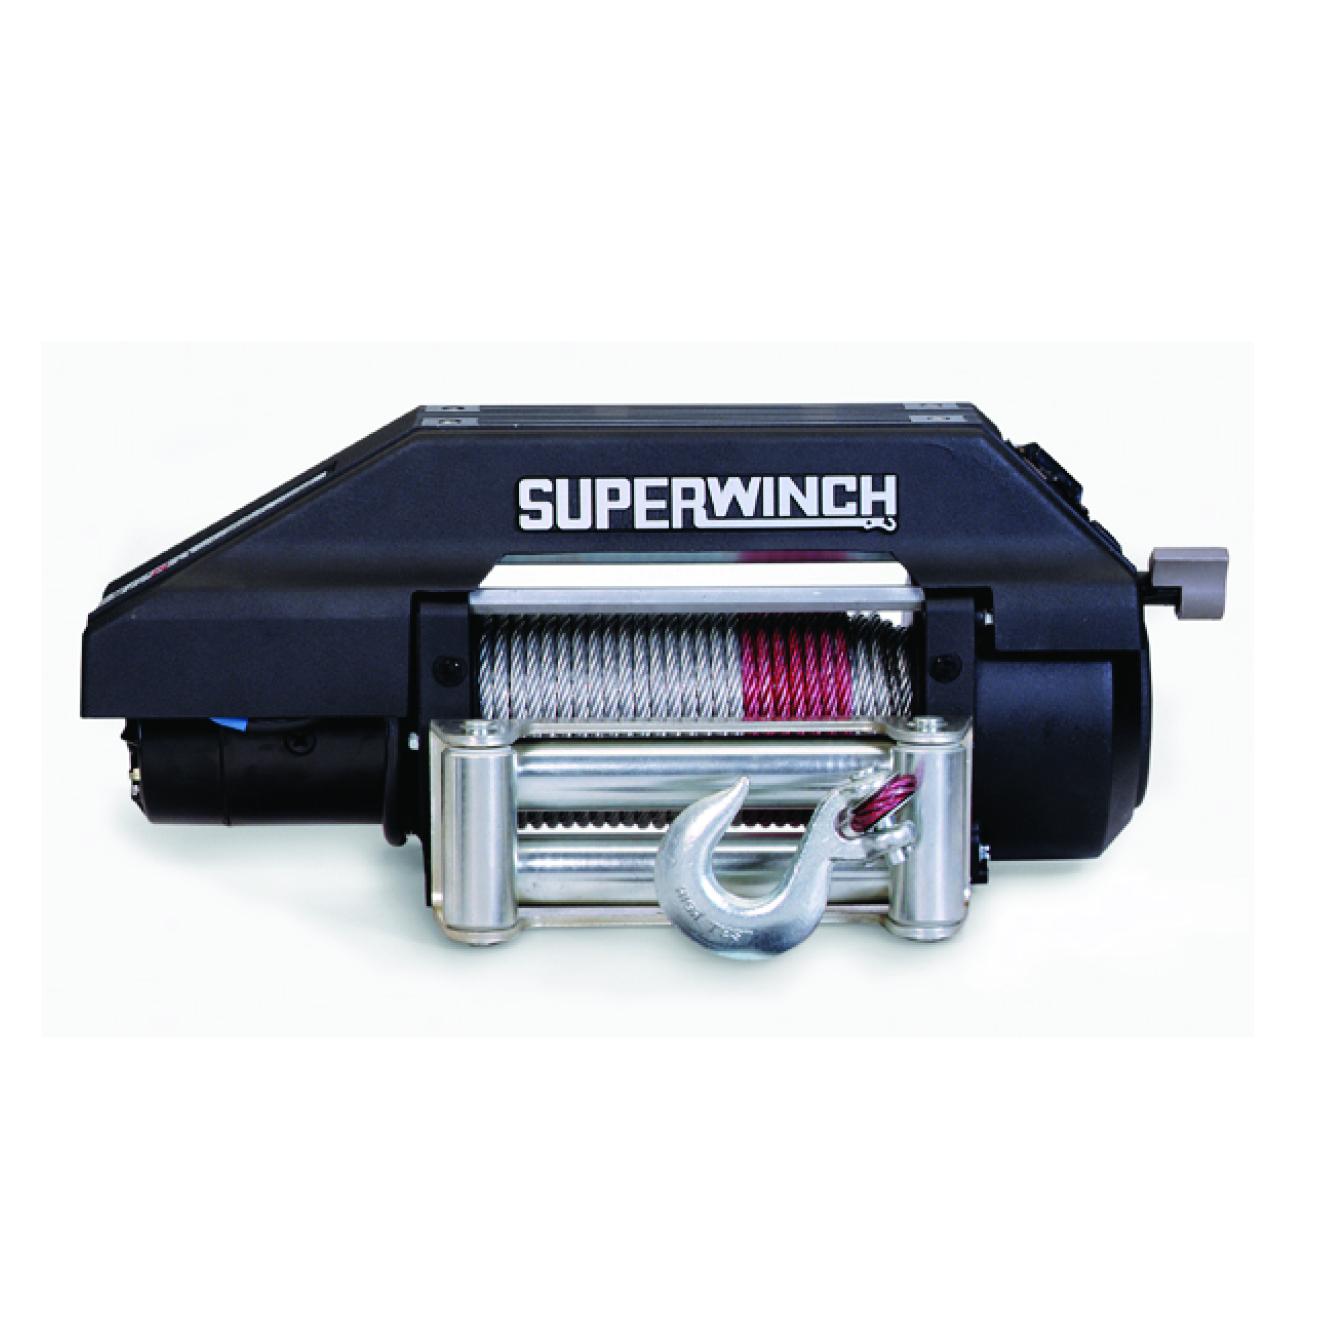 Superwinch S9000 12V/24V